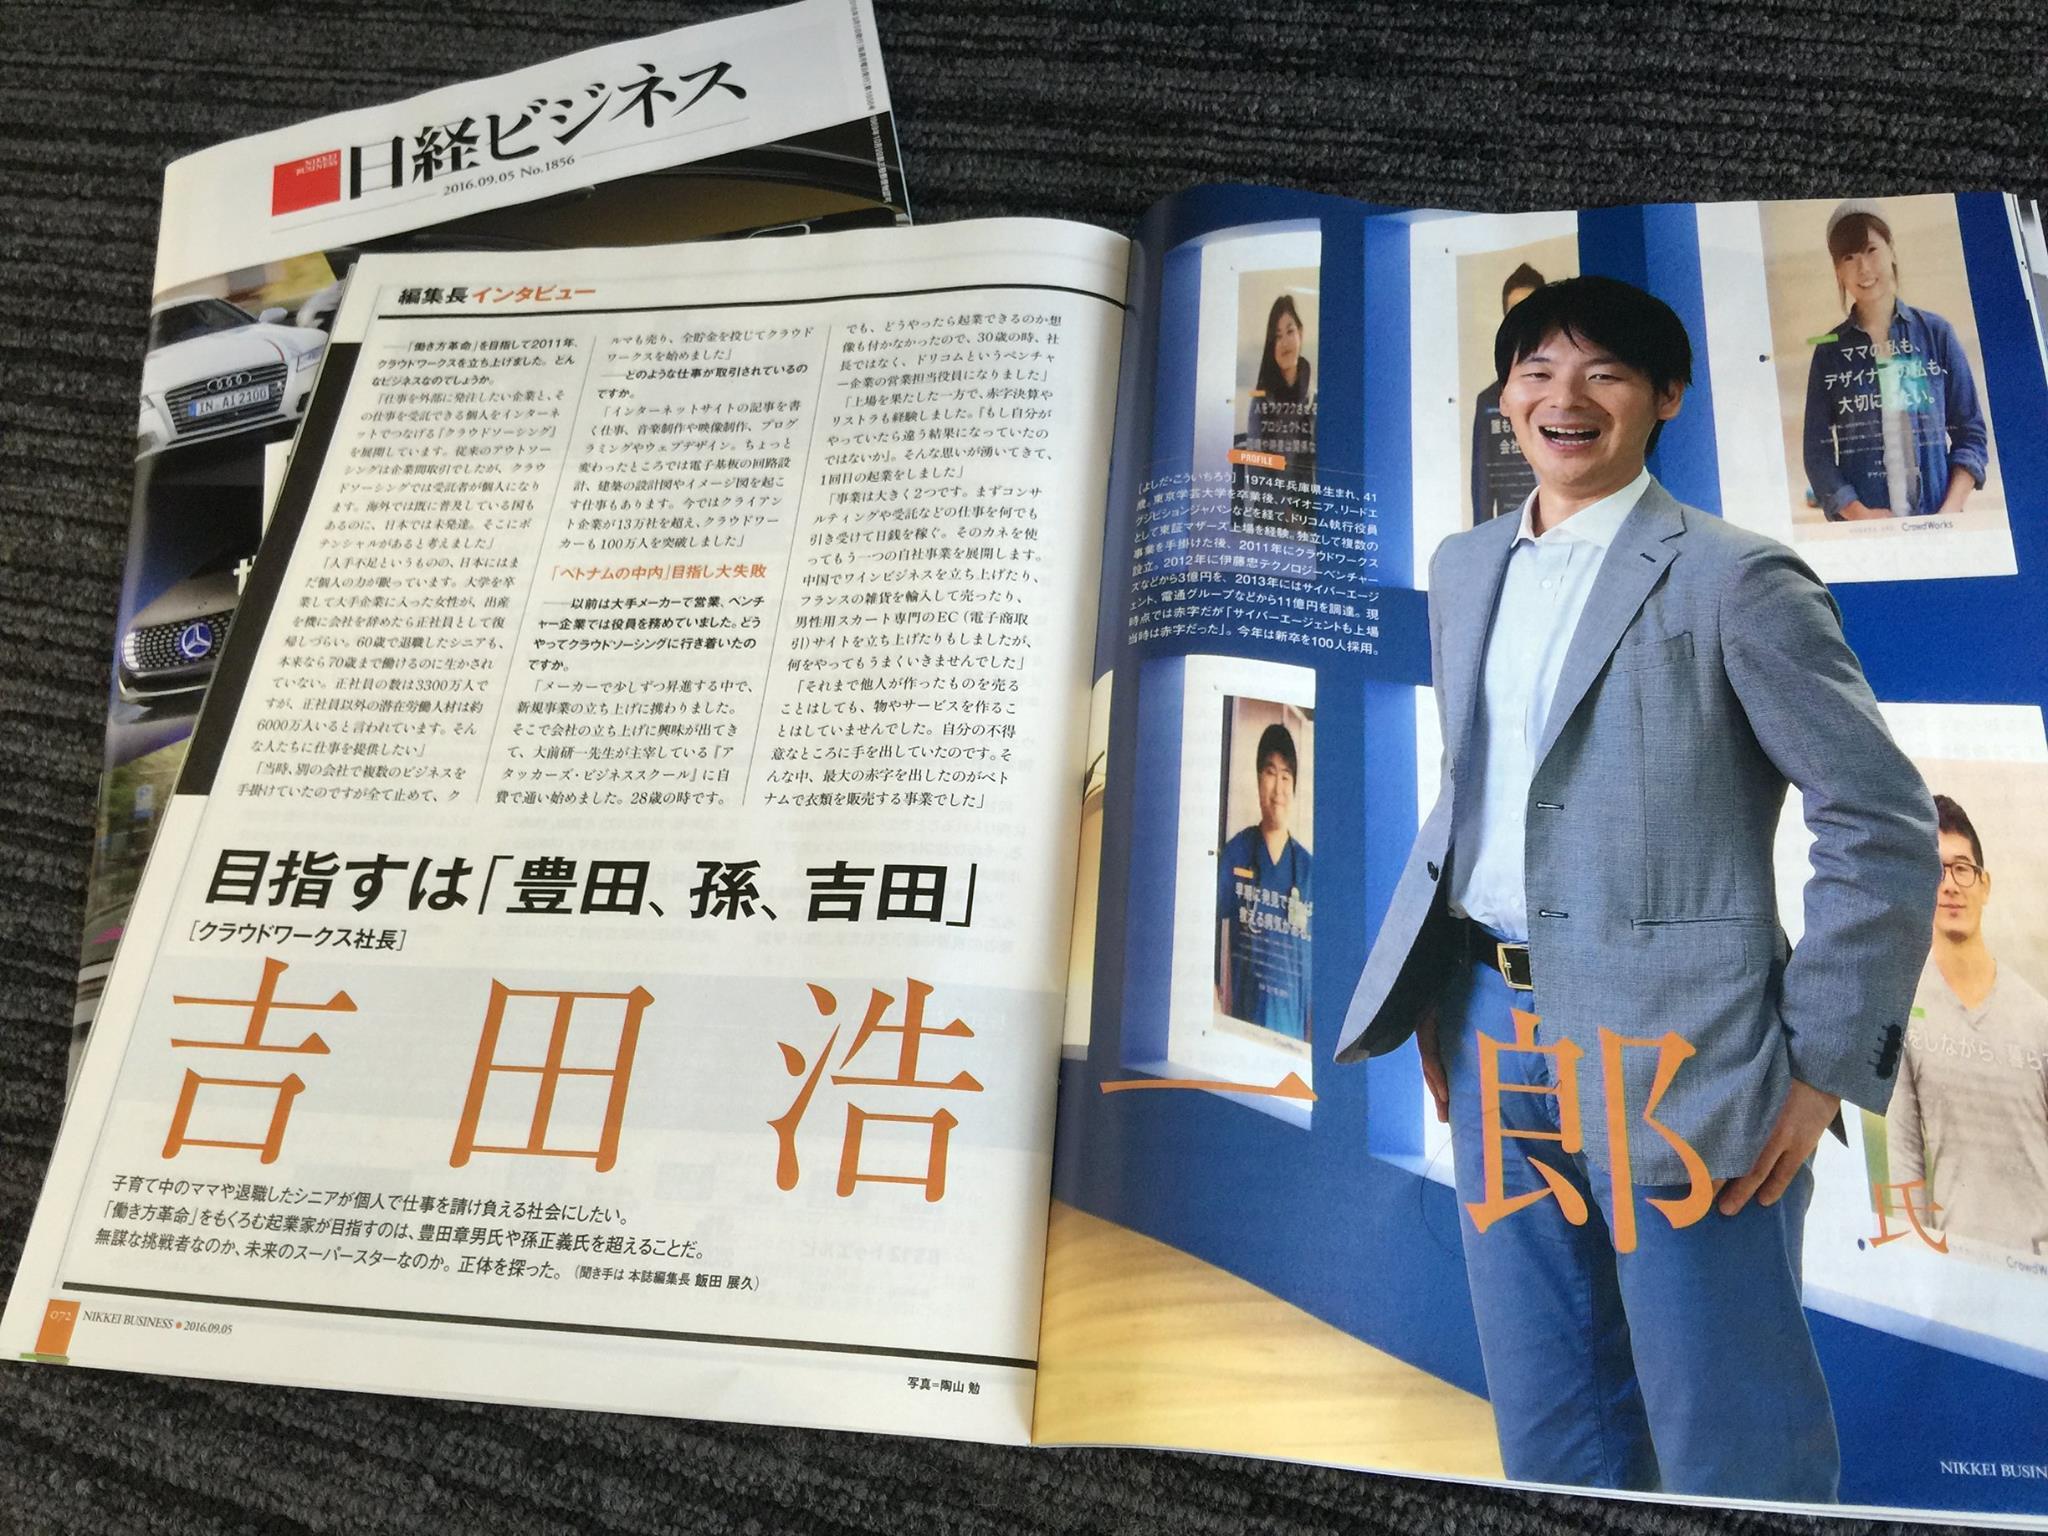 2016年9月5日 吉田浩一郎 氏のFacebookの投稿